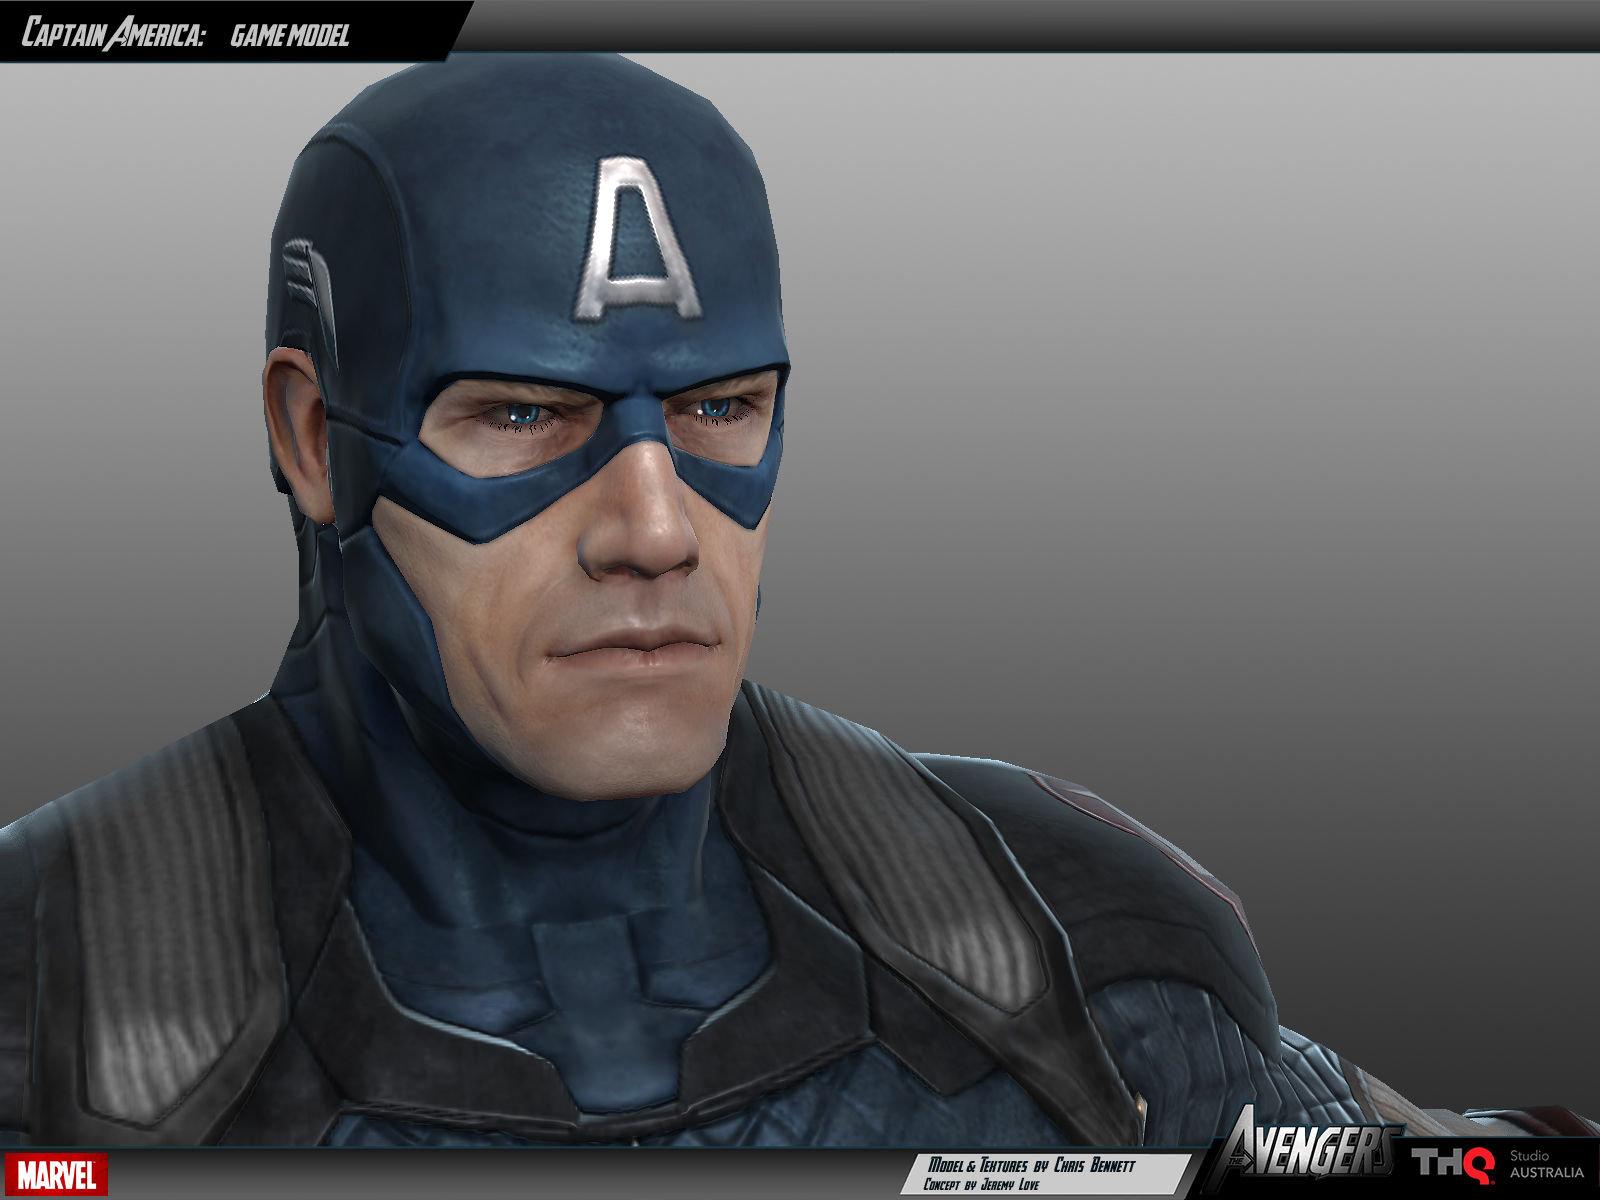 Chrisbennett captainamerica gameface